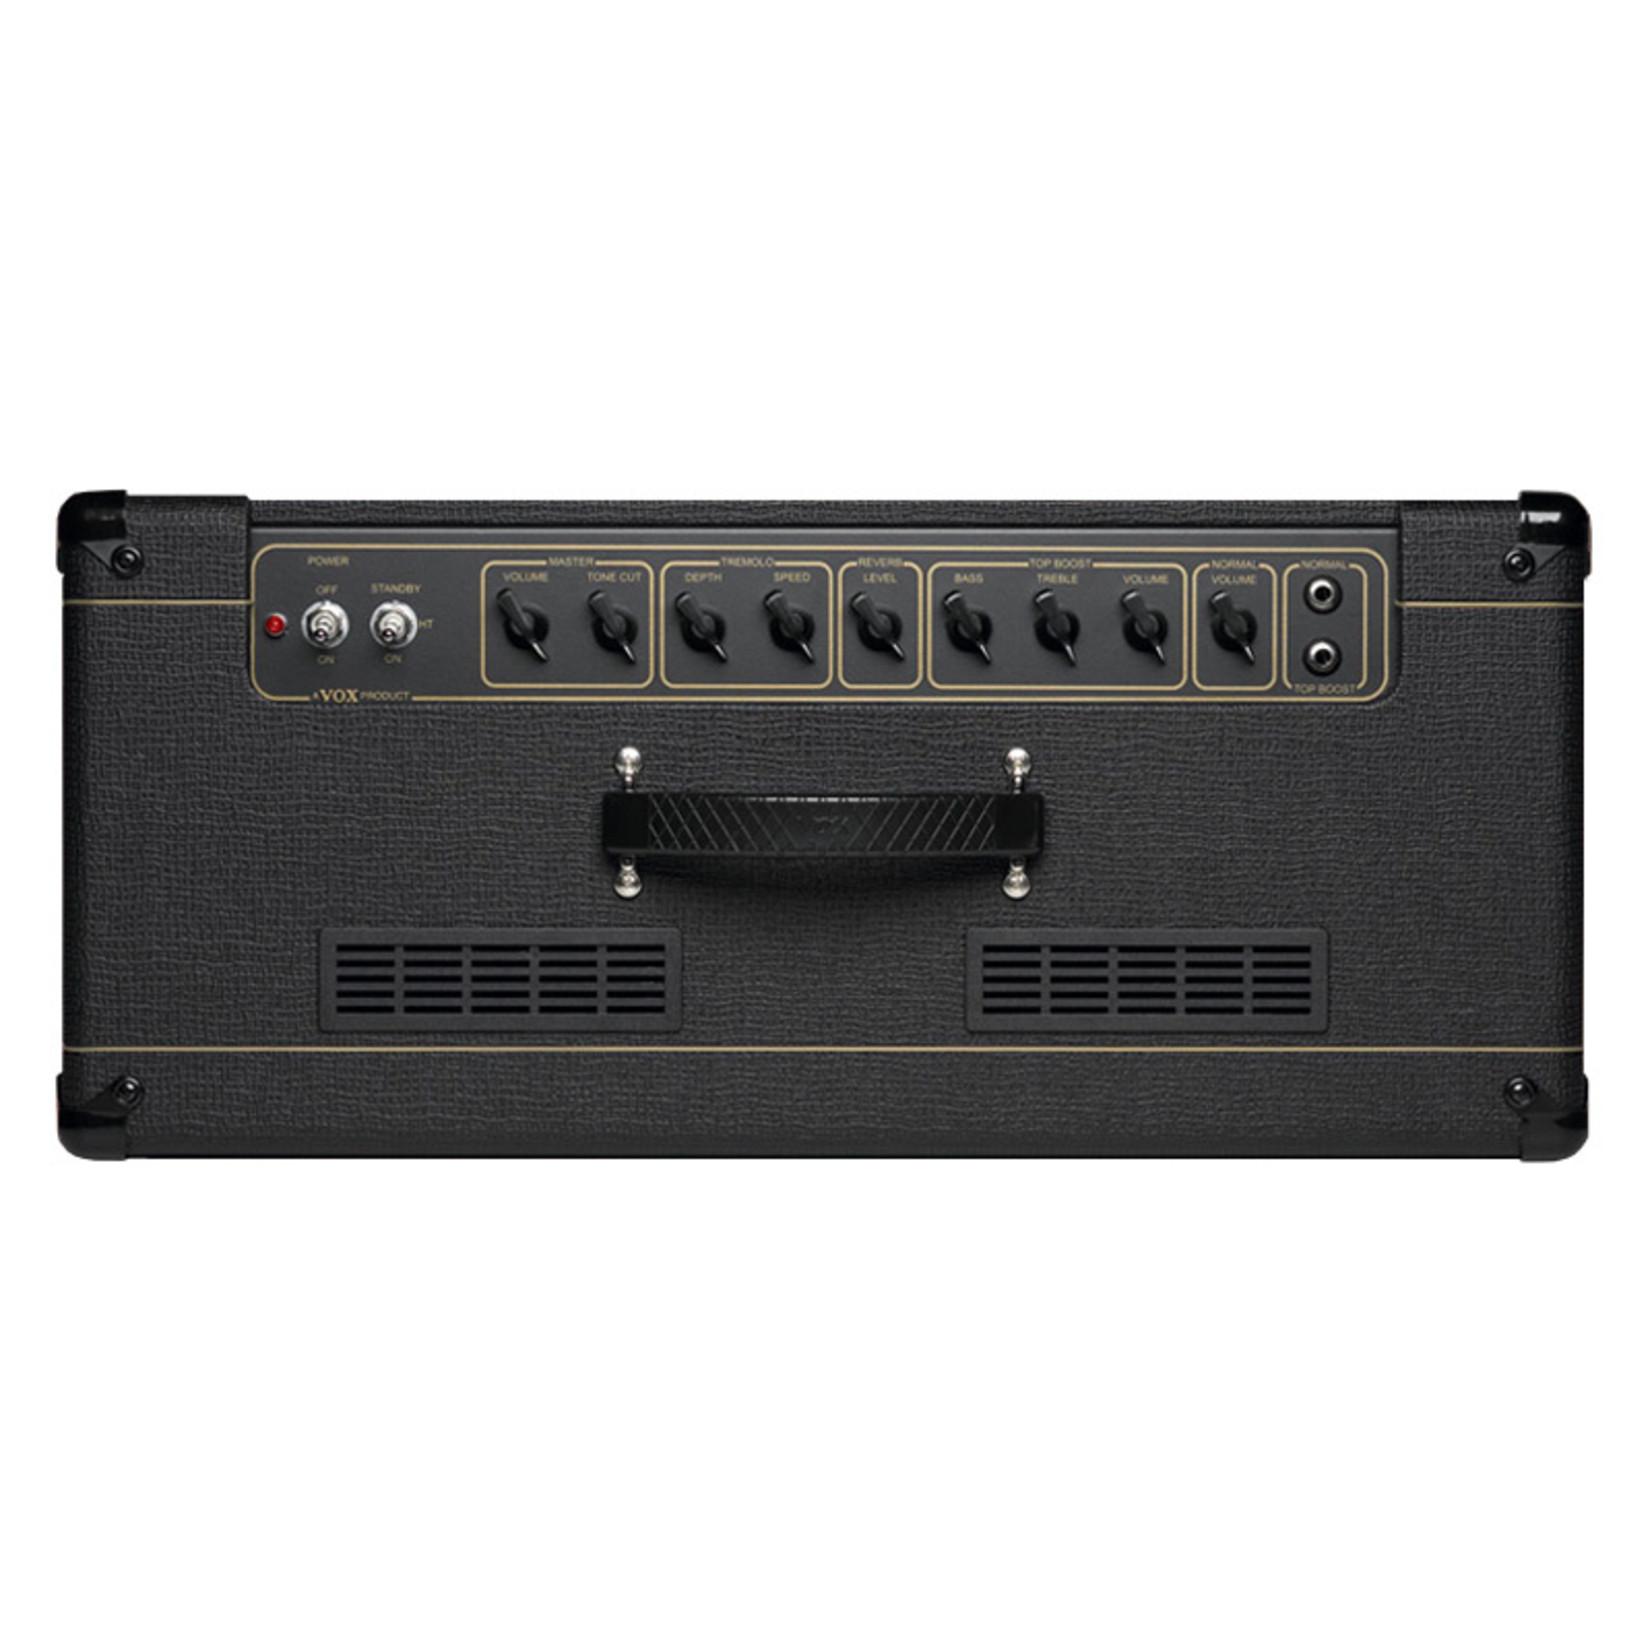 Vox Vox AC15C1 Guitar Amp